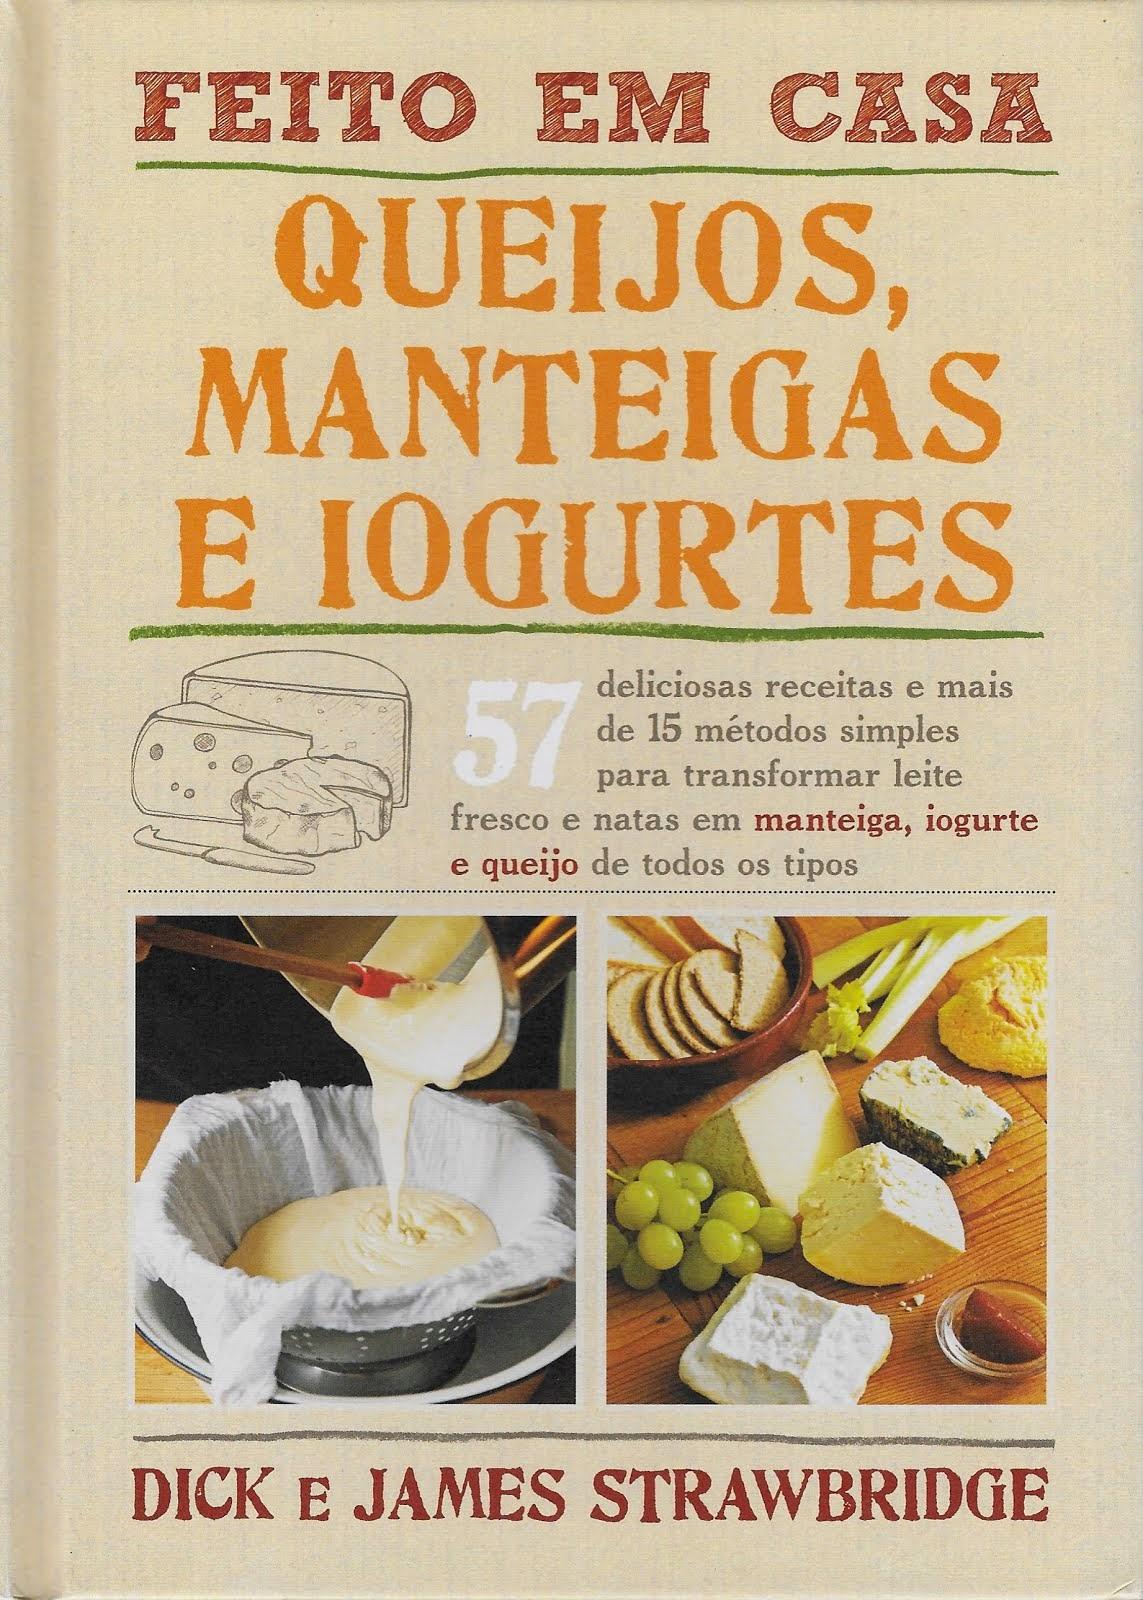 Queijos, Manteigas e Iogurtes